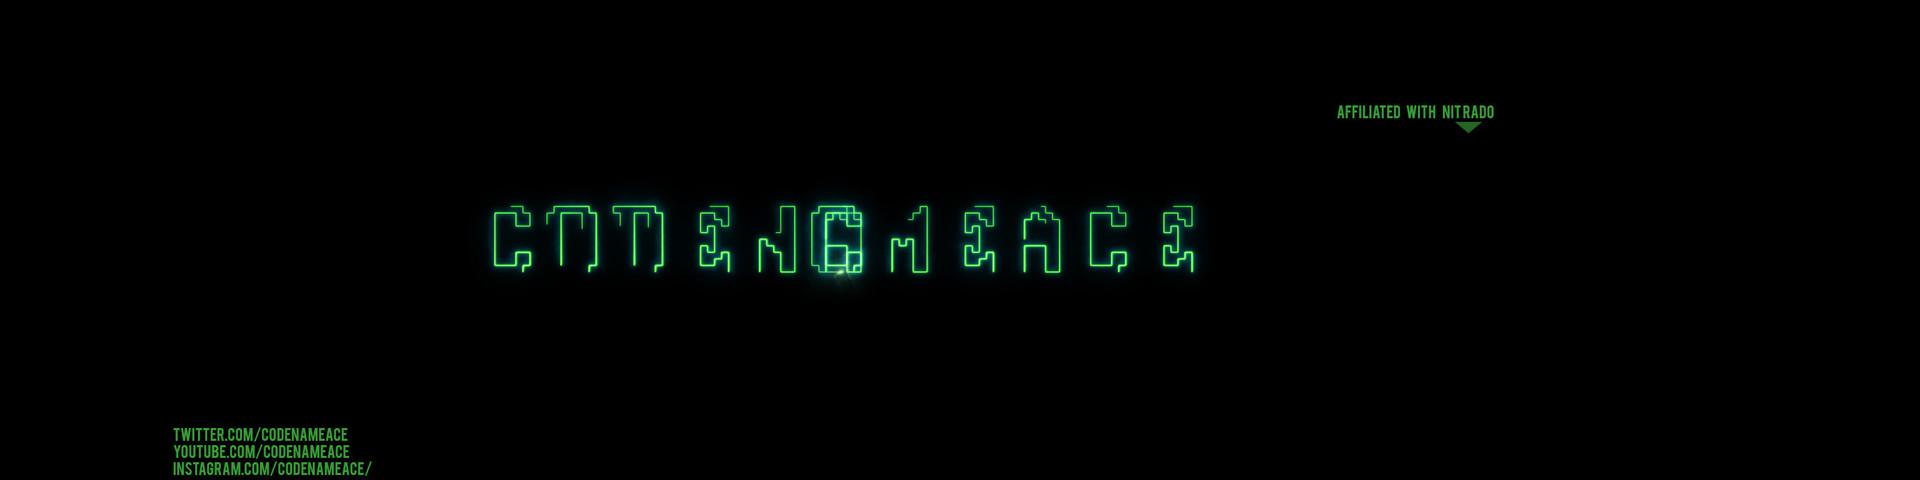 CodeNameAce's Channel - Twitch